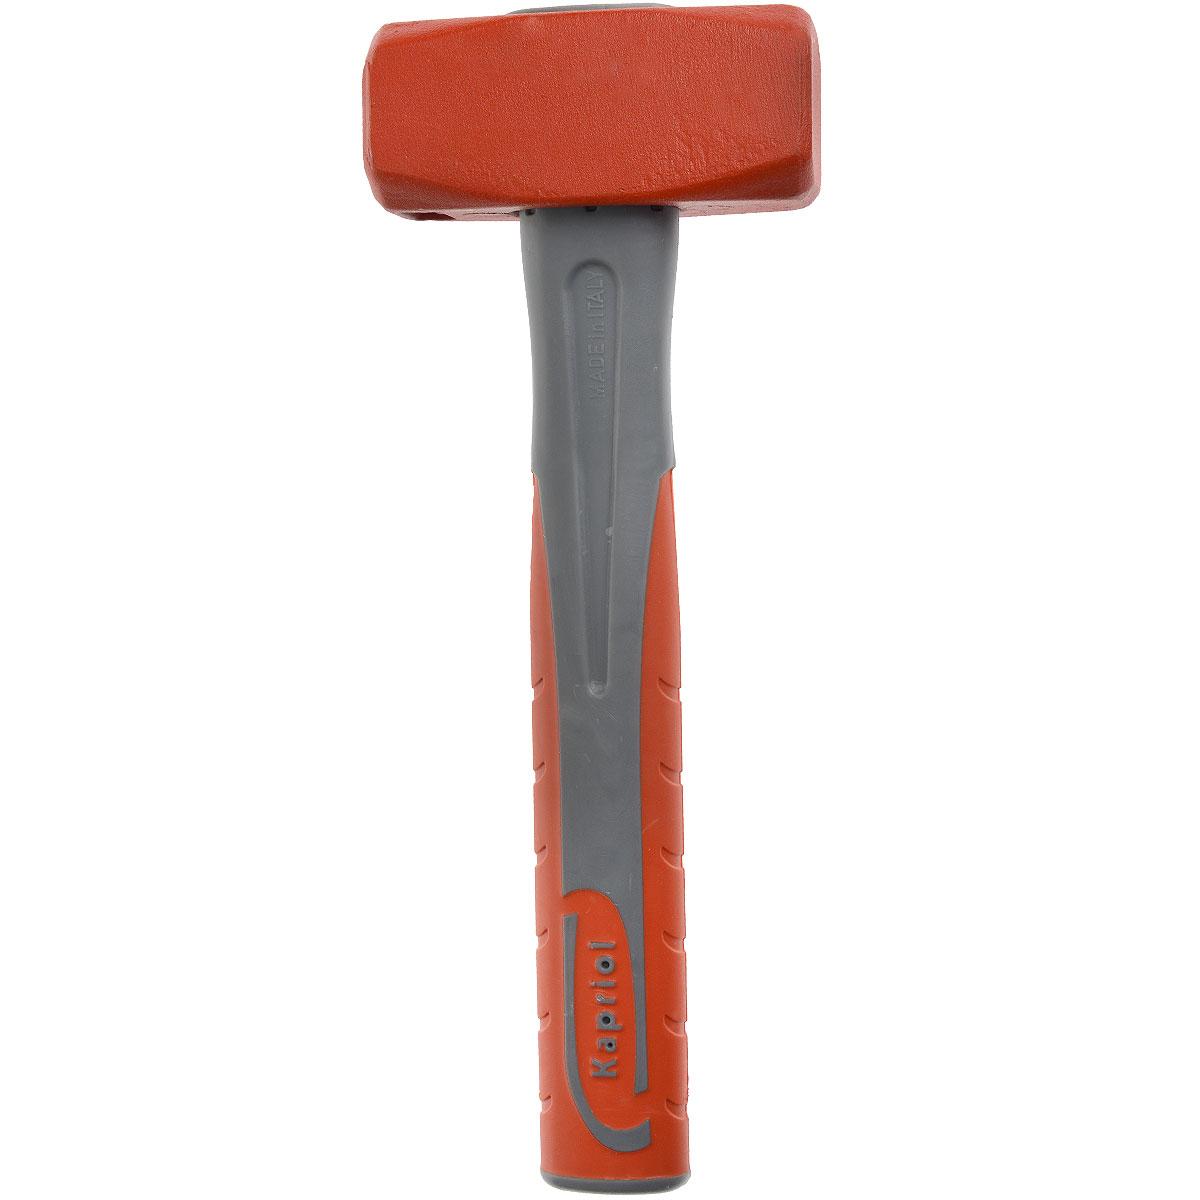 Кувалда Kapriol, длина 28 см, 1200 г. 101532706 (ПО)Кувалда Kapriol предназначена для нанесения исключительно сильных ударов при обработке металла, на демонтаже и монтаже конструкций. Особенности кувалды:Водоотталкивающие покрытие для работы в любых погодных условиях;Материал головки кувалды - легированная сталь с присадками никеля, хрома и молибдена, что обеспечивает высокую прочность и вязкость;Термическая обработка головки повышает ударопрочность и увеличивает срок службы;Поверхностный слой головки закален, что обеспечивает высокую твердость молотка;Головка соединена с рукояткой с помощью эпоксидного клея;Корпус рукоятки изготовлен из стальной трубы;Эргономичный прорезиненный чехол рукоятки выполняет функцию вибропоглощения;Рукоятка имеет форму соответствующую очертаниям руки, что повышает точность удара и снижает усталость при работе. Характеристики: Материал: сталь, резина, пластик. Длина: 28 см. Вес: 1,2 кг. Размеры кувалды: 28 см х 10,5 см х 4 см.